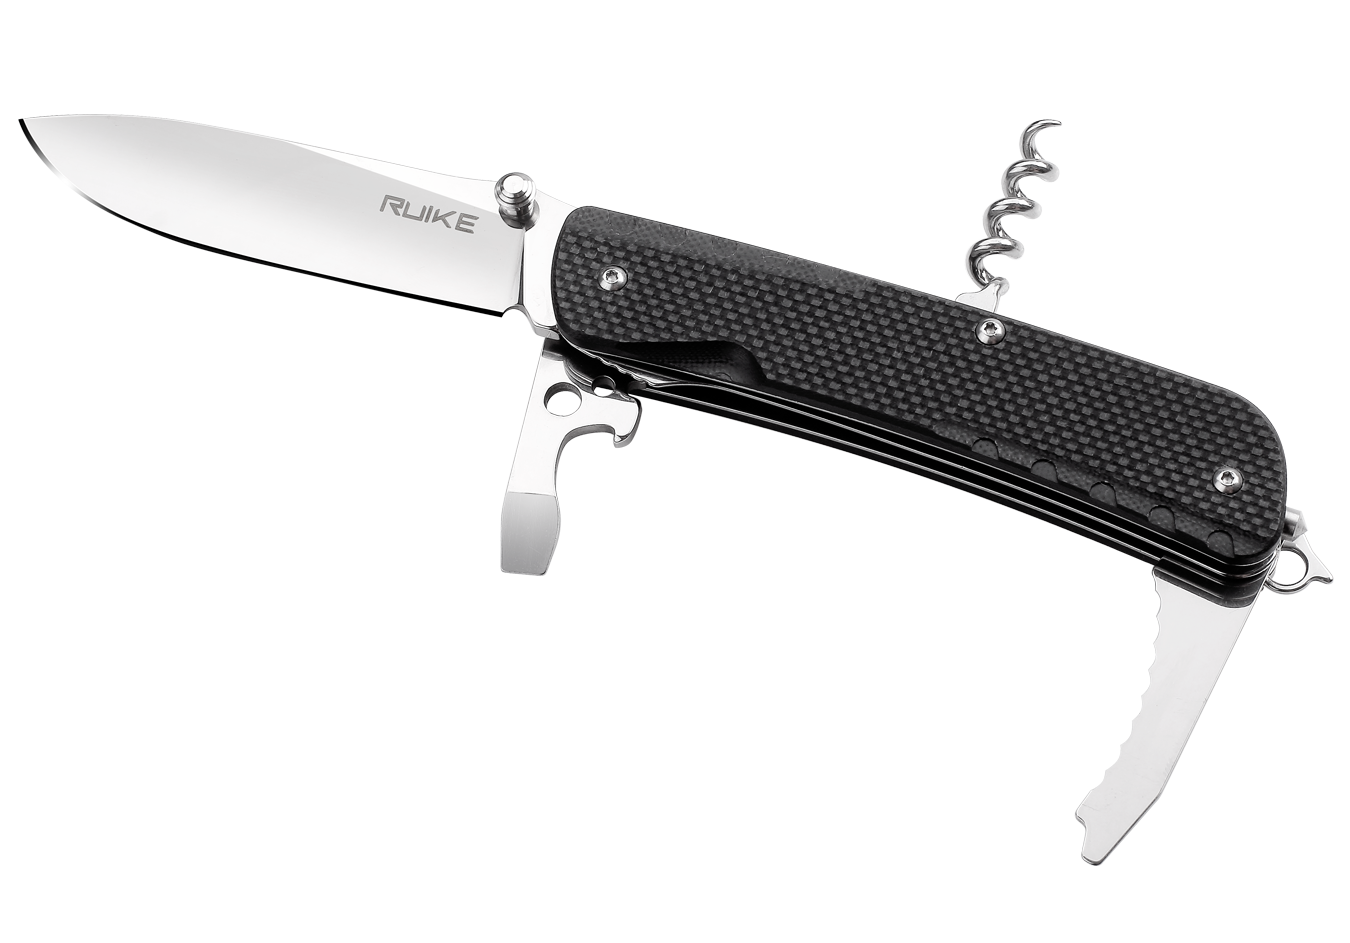 Нож складной Ruike LD21-B, черныйРаскладные ножи<br>Практичный складной нож Ruike LD21-B с лаконичным оформлением и богатым функционалом станет отличным помощников для каждого мужчины. Набор самых необходимых инструментов будет всегда в кармане. Не нужно отдельно носить при себе штопор, отвертку, стропорез или открывалку.Шведская сталь Sandvik 12C27, из которой изготовлен клинок и прочие инструменты конструкции, отличается крепостью и износостойкостью. Металл не подвержен коррозии, переносит большие нагрузки и механическое воздействие.Складной нож с открывалкой для бутылок включает в себя штопор, инструмент для механической зачистки проводов, отвертки и прочие полезные составляющие. Эргономичная рукоять сделана из стойкого к температурным перепадам и солнечным лучам композитного материала G10.<br>Особенности:<br><br>многофункциональный карманный нож;<br>данная модель выполняет 12 функций;<br>нож изготовлен из стали-нержавейки 12C27;<br>лезвие сделано гладко заточенным;<br>метод финишной шлифовки — зеркальная полировка;<br>длина лезвия — 85 мм;<br>нож имеет толщину 3 мм;<br>дополнительные инструменты встроены в рукоятку;<br>ручка ножа сделана из G10;<br>модель Ruike LD-21 весит 138 грамм.<br>